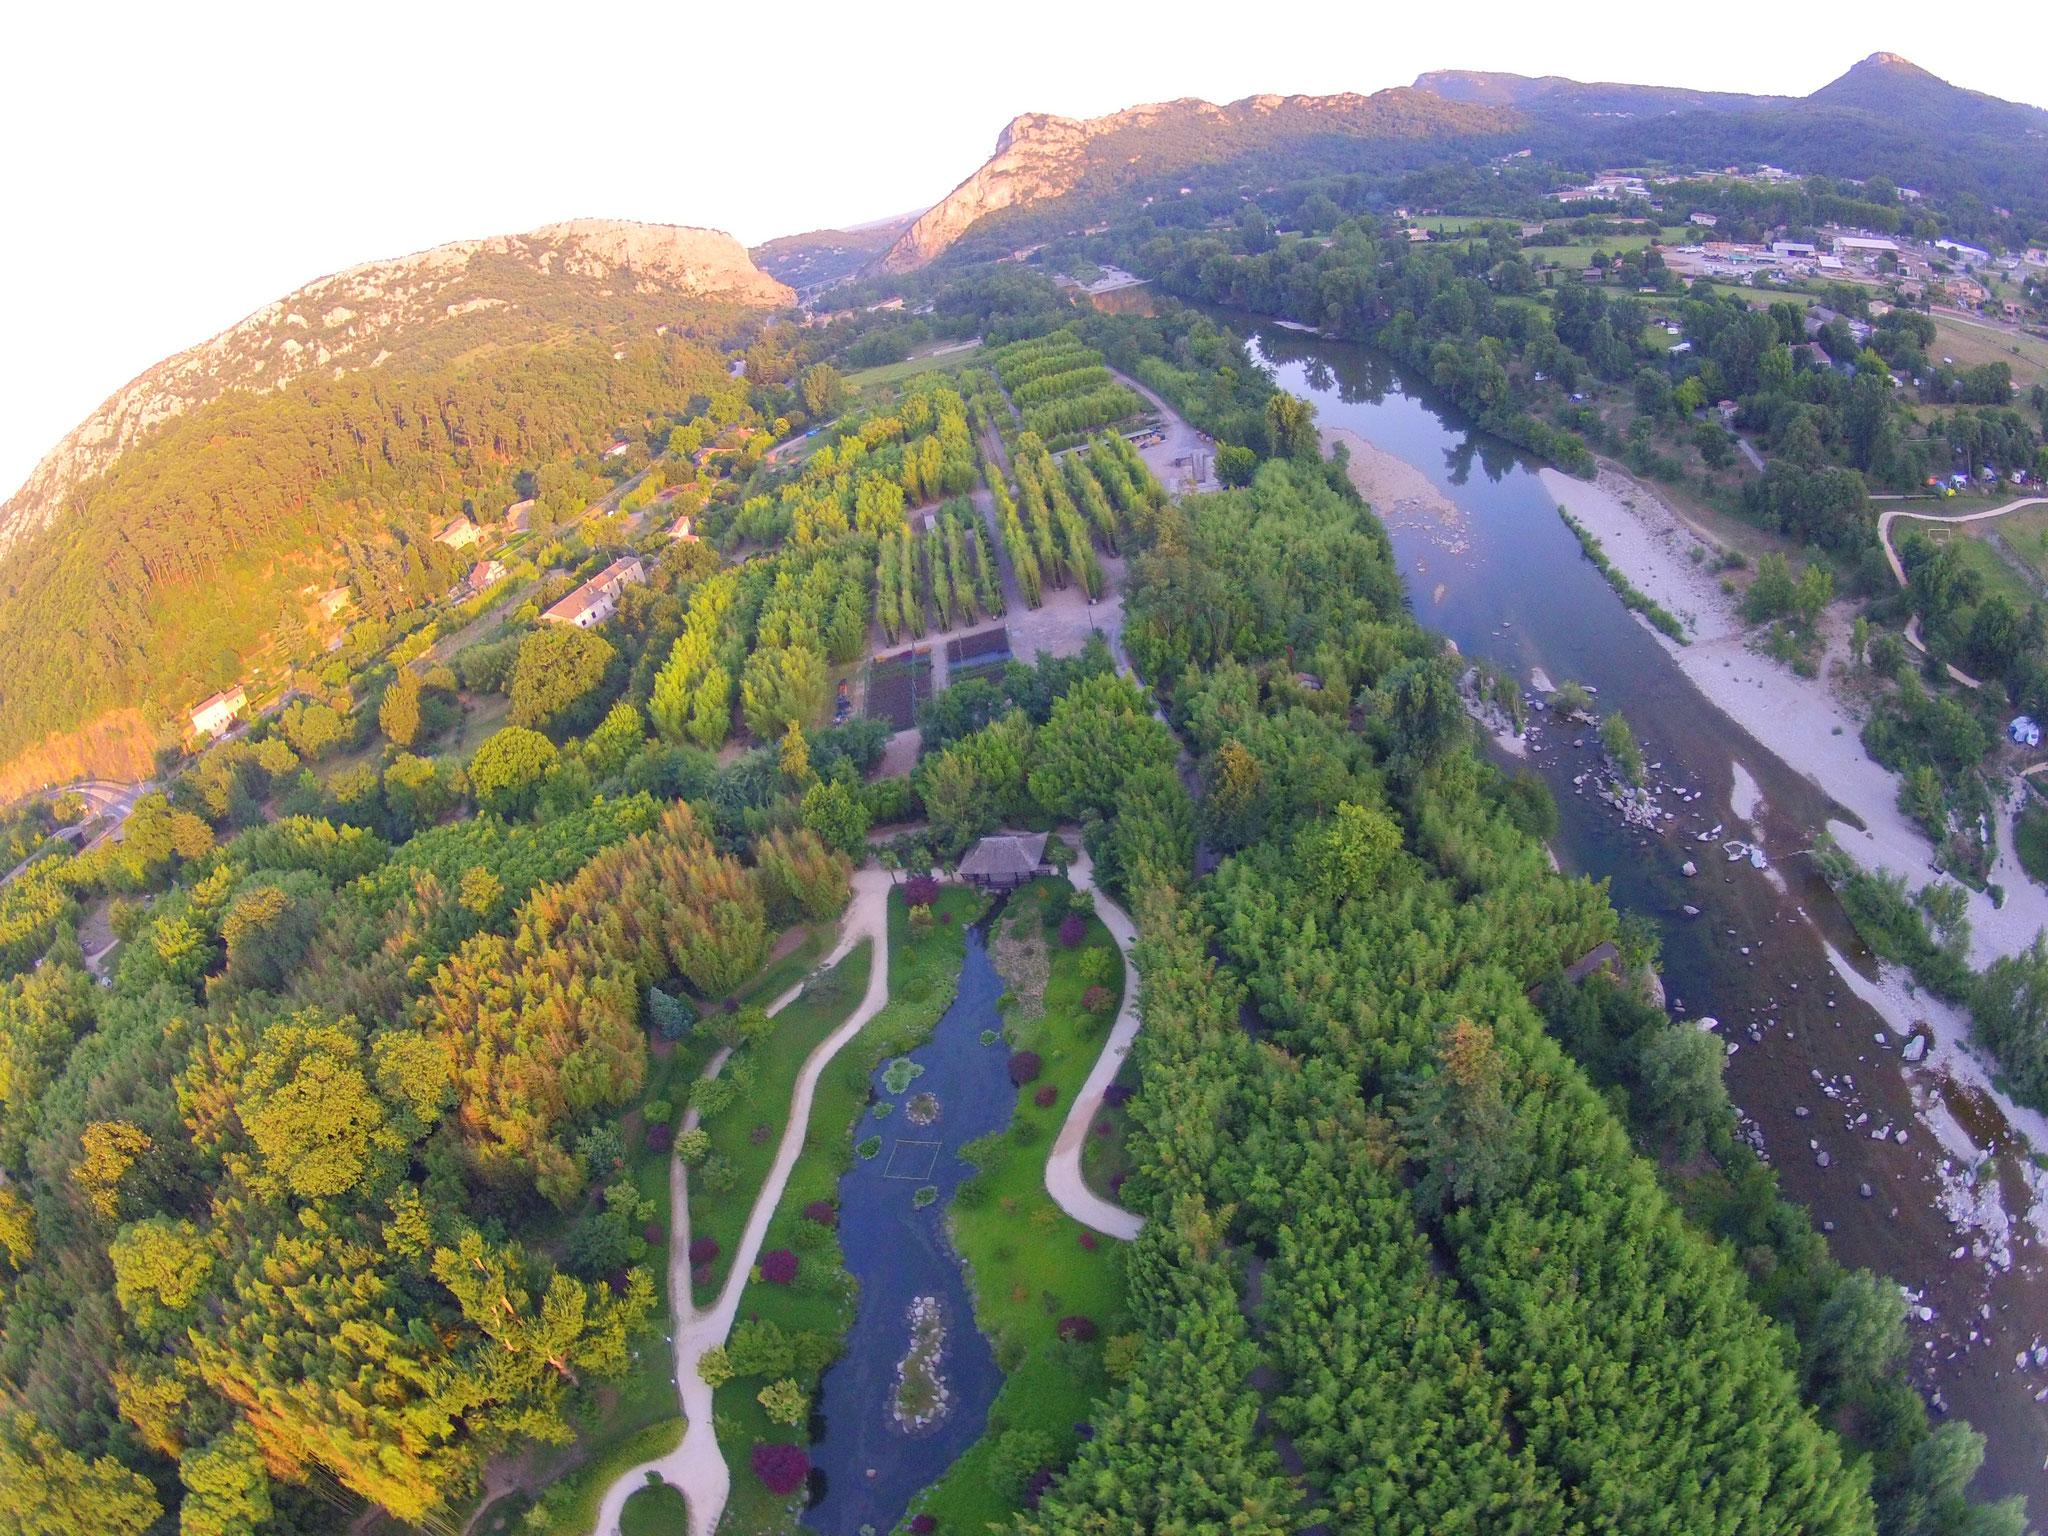 le parc botanique de la Bambouseraie sur les rives du Gardon d'Anduze